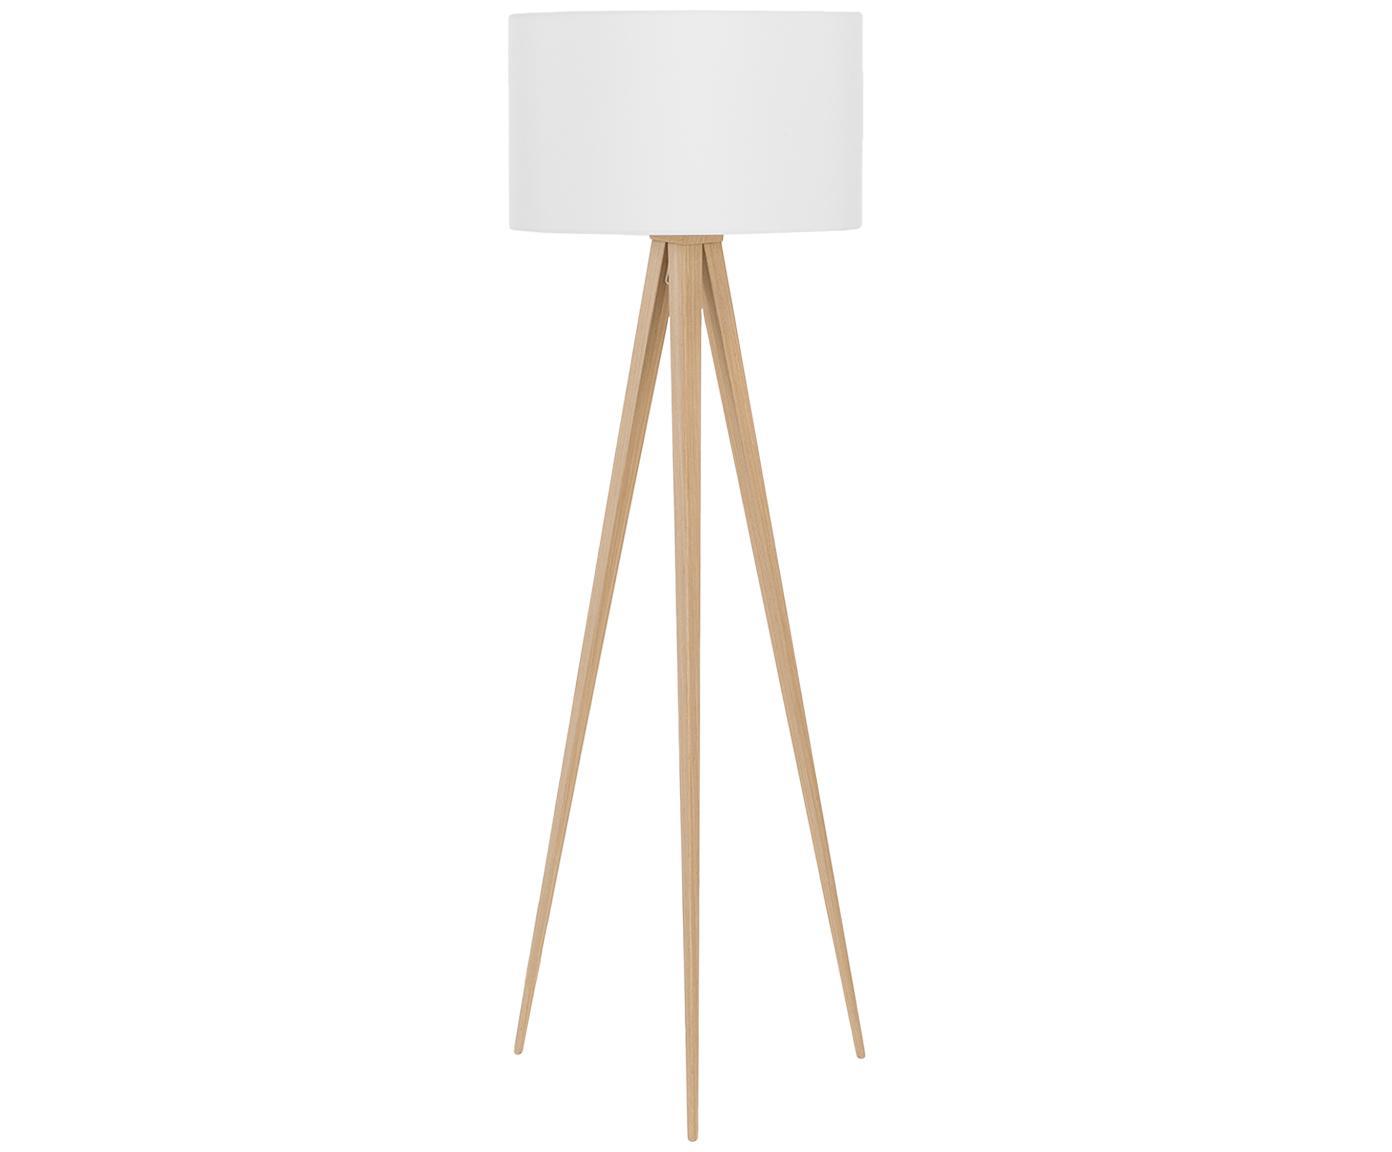 Lampada da terra stile nordico Jake, Paralume: cotone, Base della lampada: metallo con impiallacciat, Paralume: bianco Base della lampada: impiallacciatura di legno, Ø 50 x Alt. 154 cm